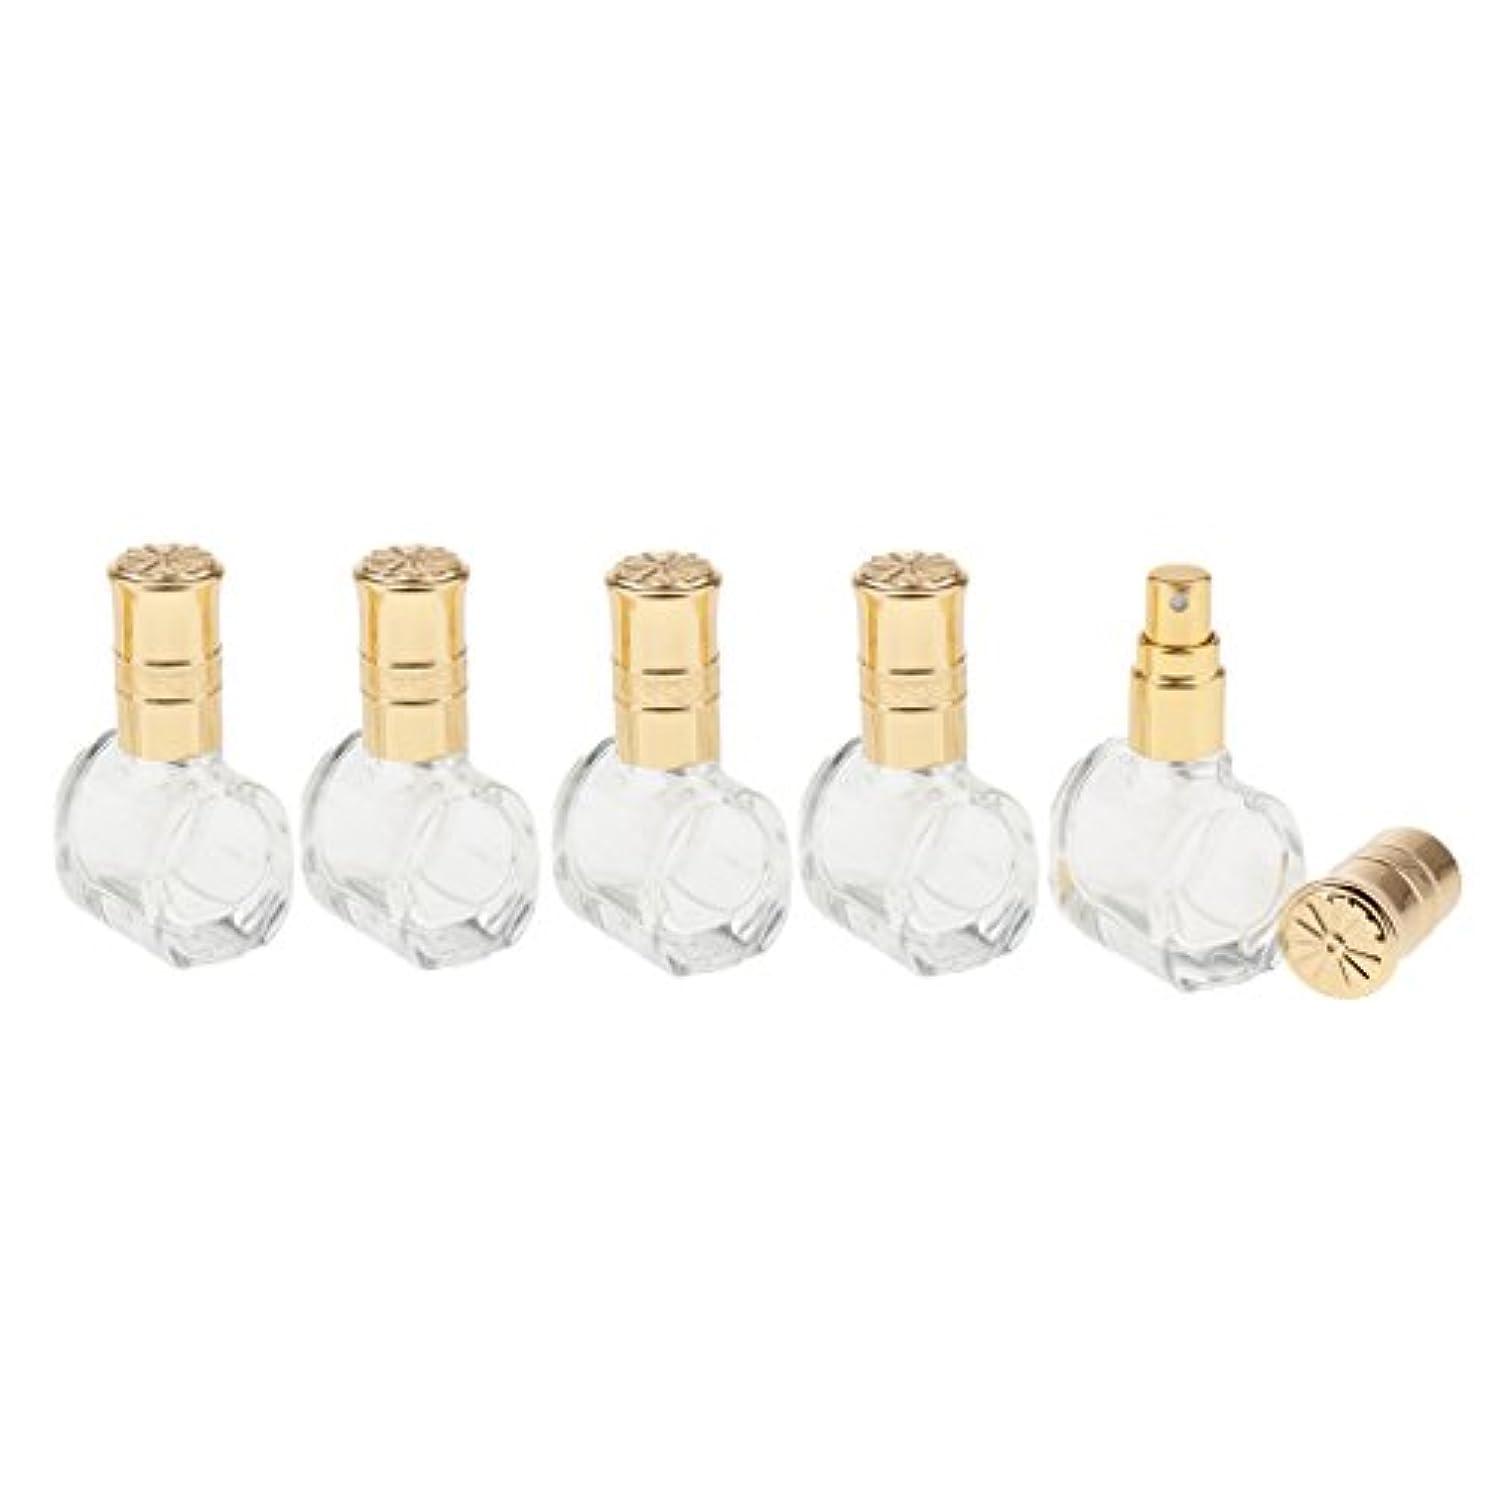 フライカイト誓約ベーリング海峡Fenteer 5個 ガラス ボトル 空ボトル 詰替え オイル 香水 アトマイザー スプレーボトル